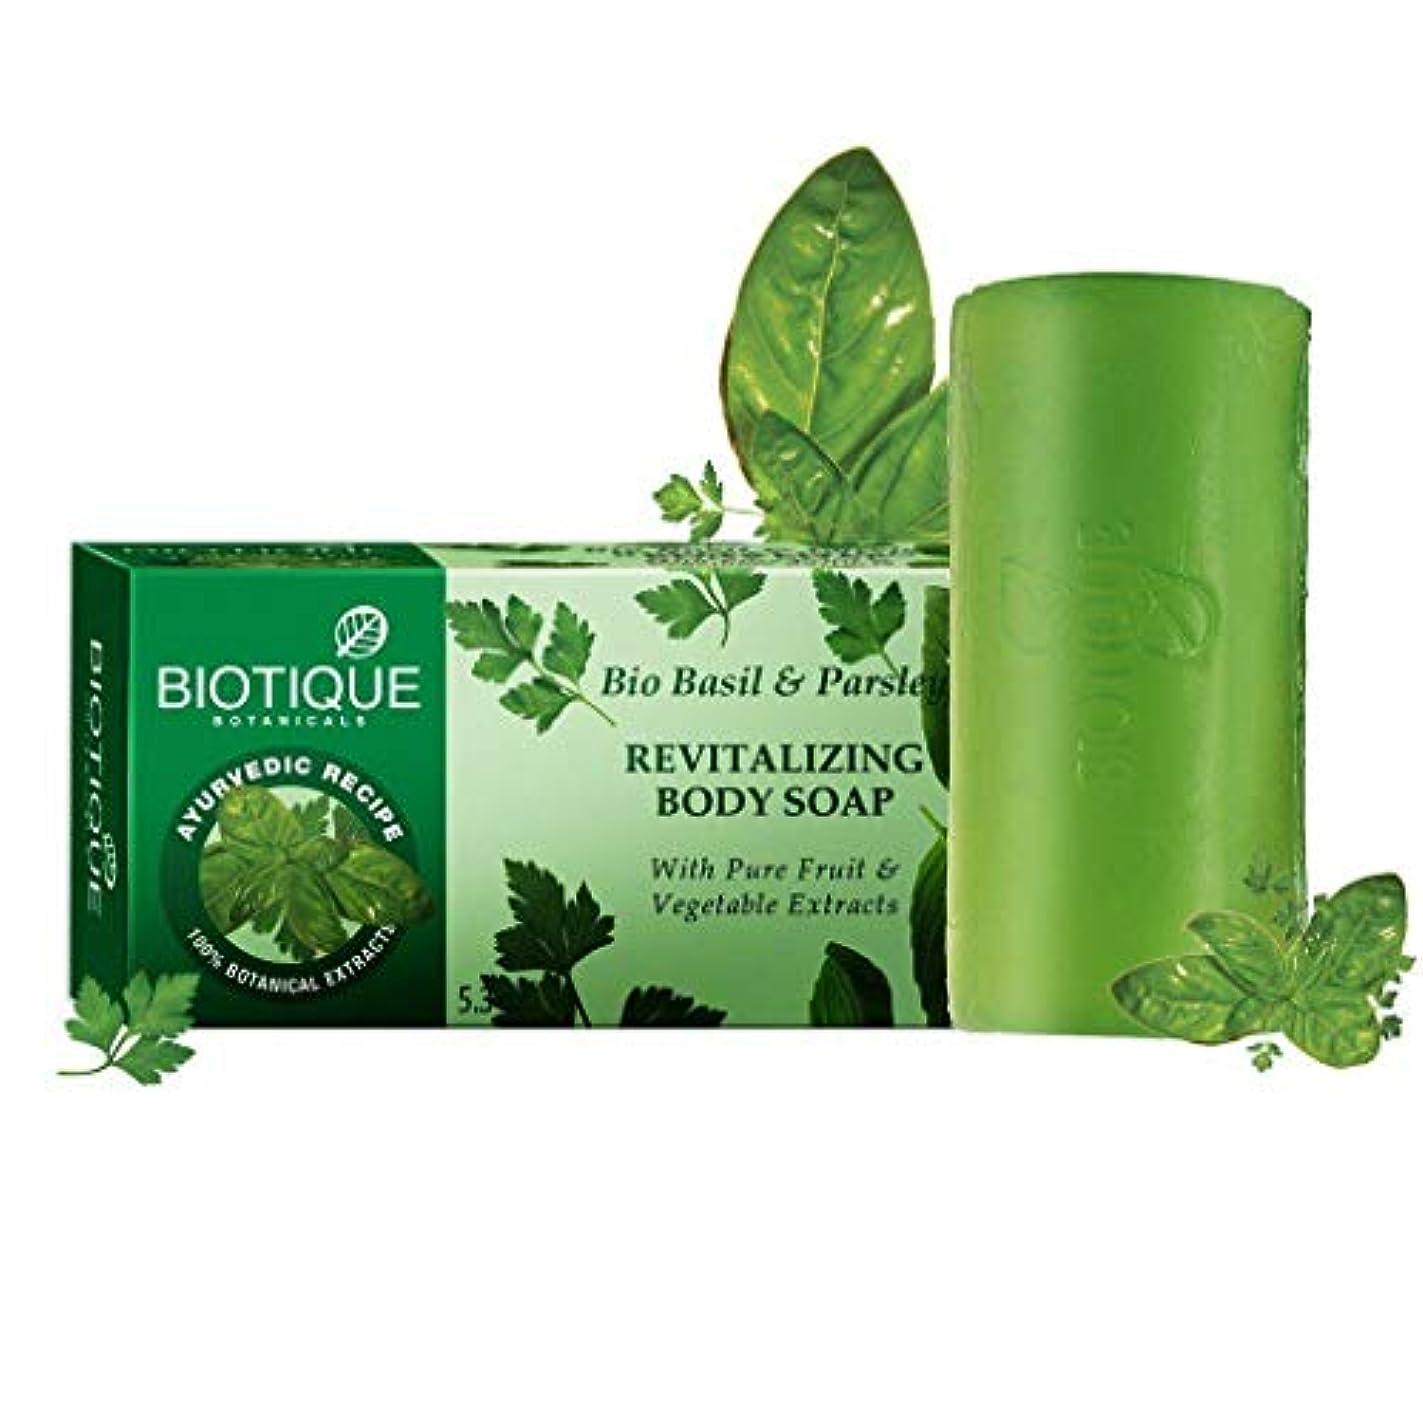 過度のじゃがいも降臨Biotique Bio Basil And Parsley Revitalizing Body Soap 150g (Pack of 2) Biotiqueバイオバジルとパセリの活性化ボディソープ